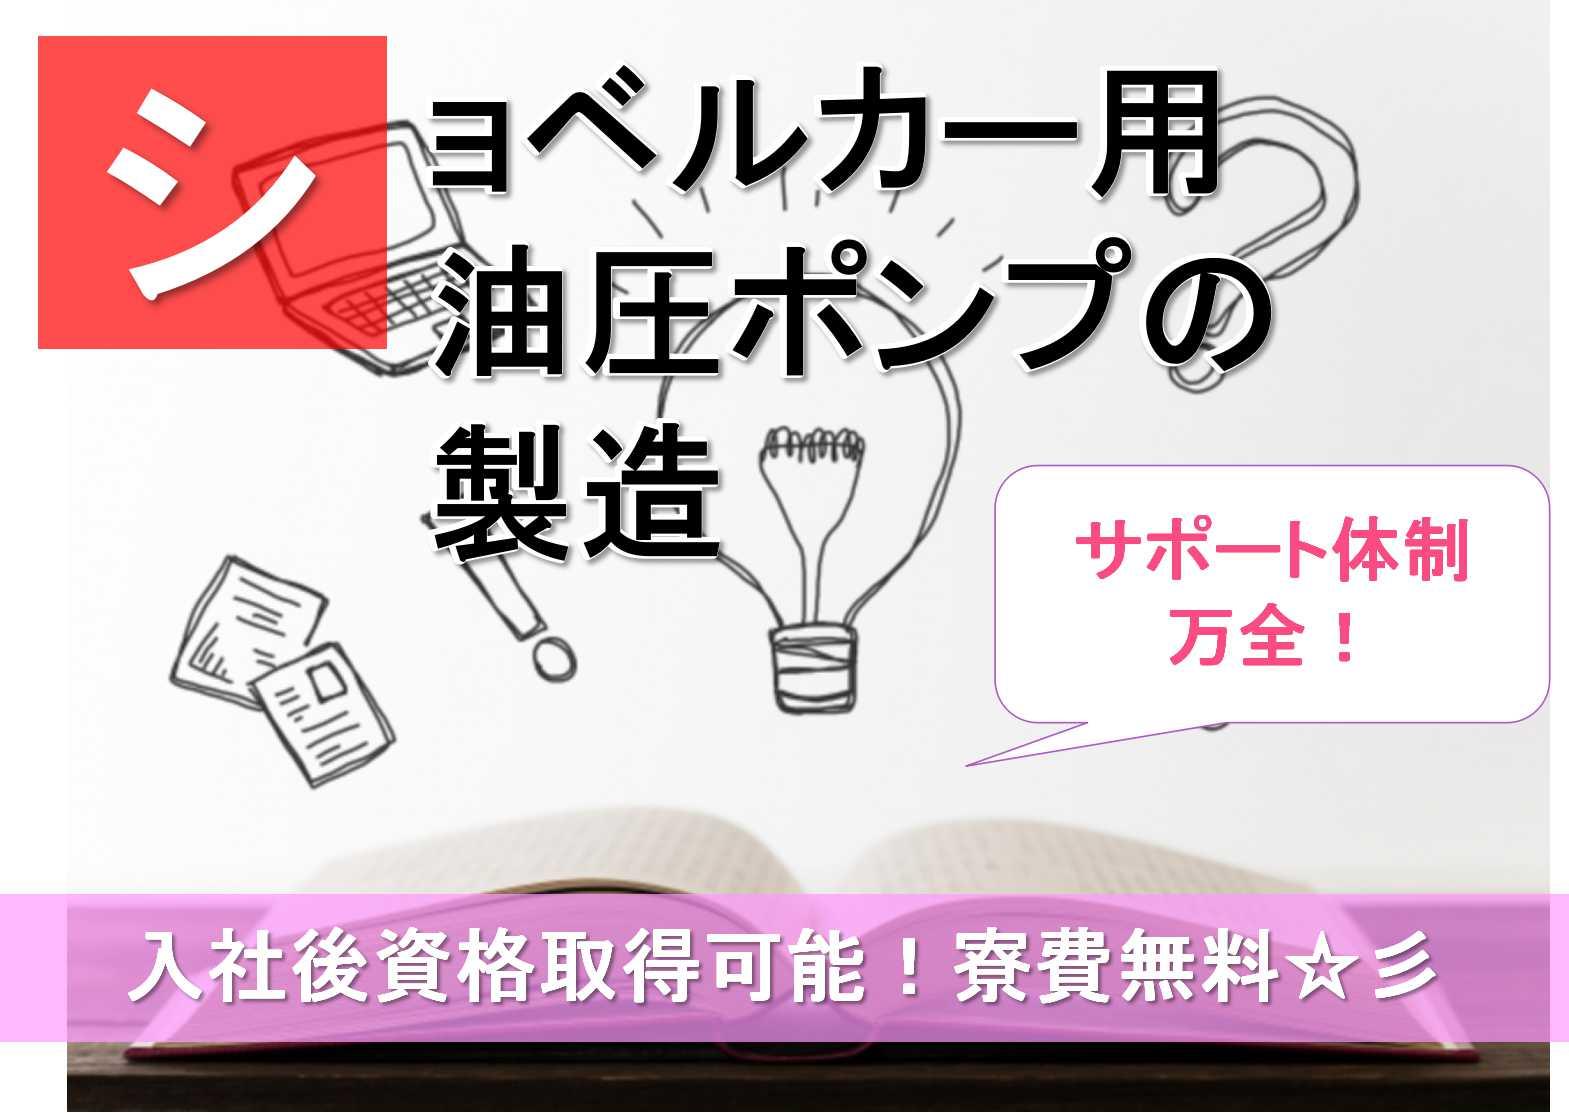 【兵庫県神戸市】サポート体制万全★入社後資格取得可能!ショベルカー用油圧ポンプの製造【即面談可能】 イメージ